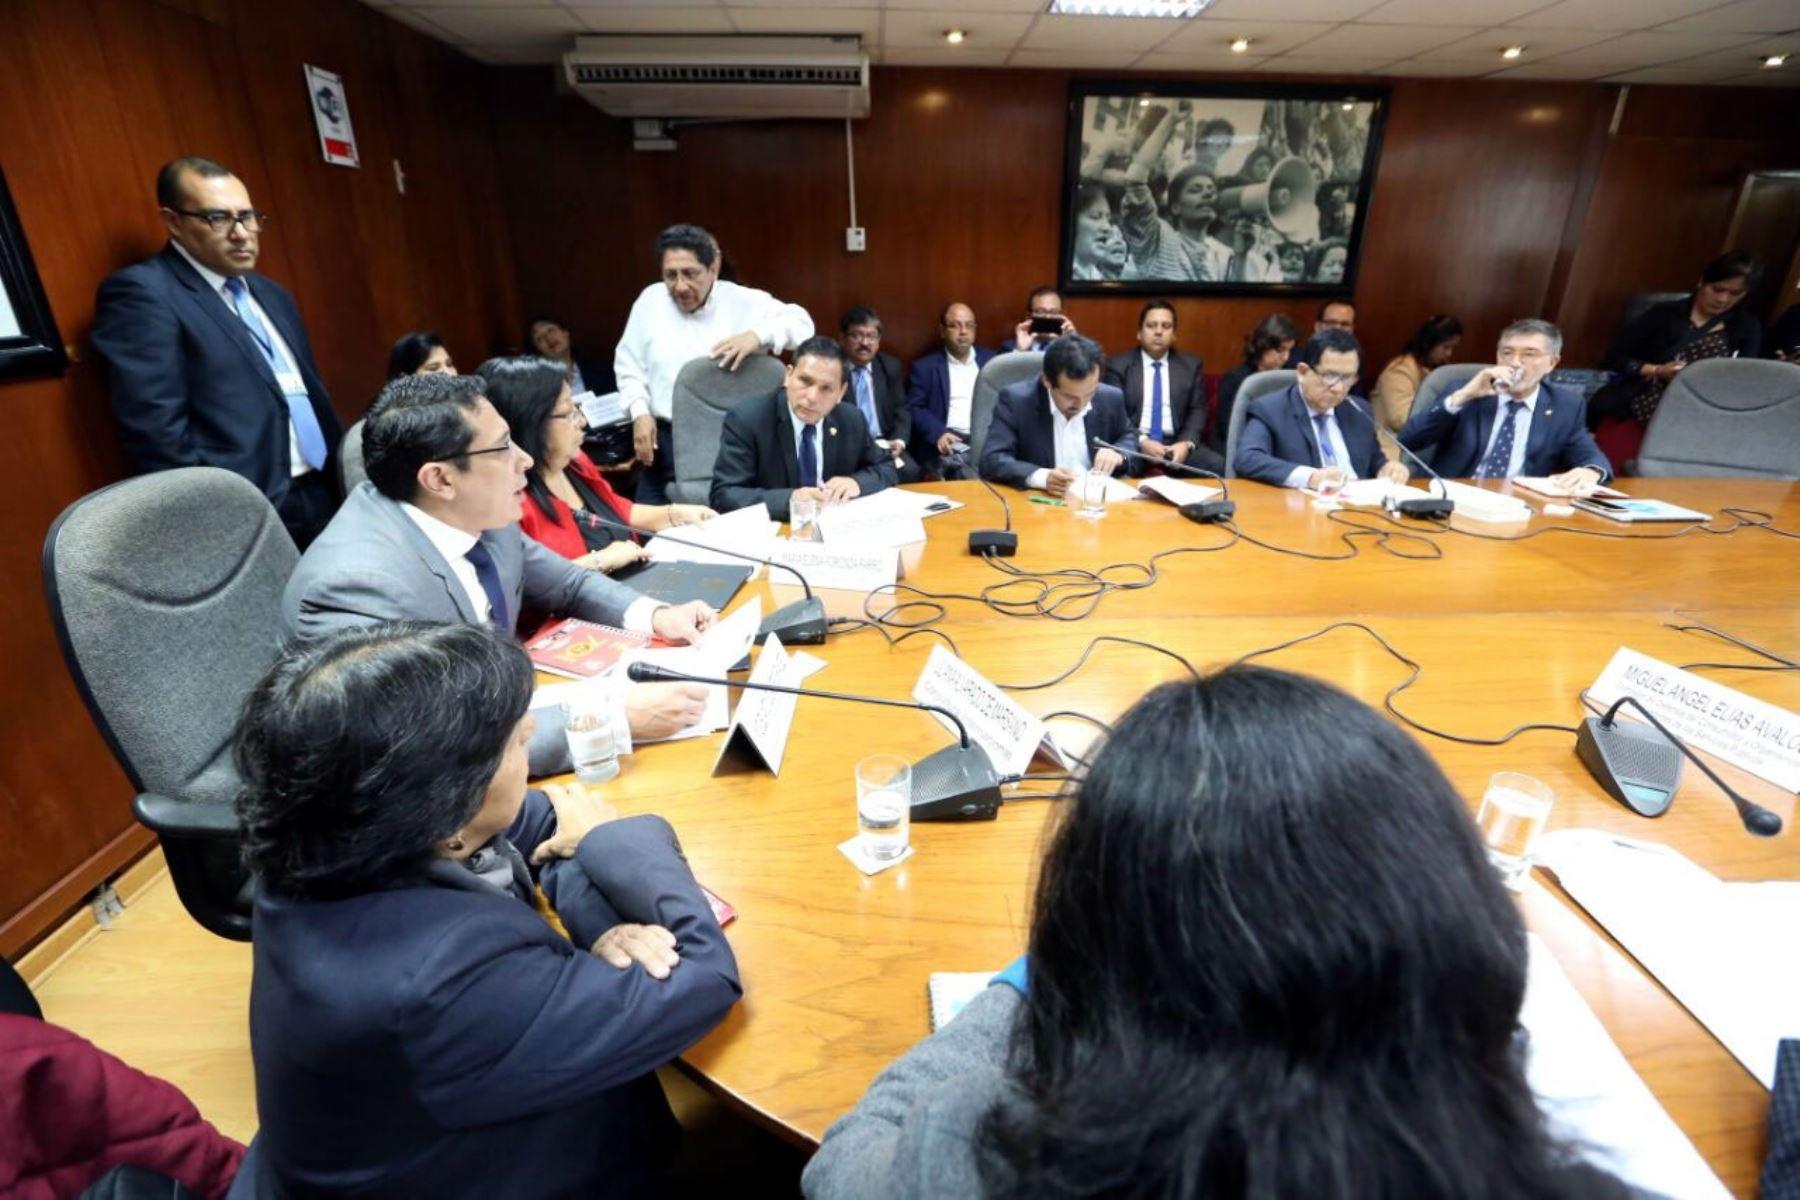 Comisión de Defensa al Consumidor del Congerso, presidido por congresista Miguel Castro (FP)